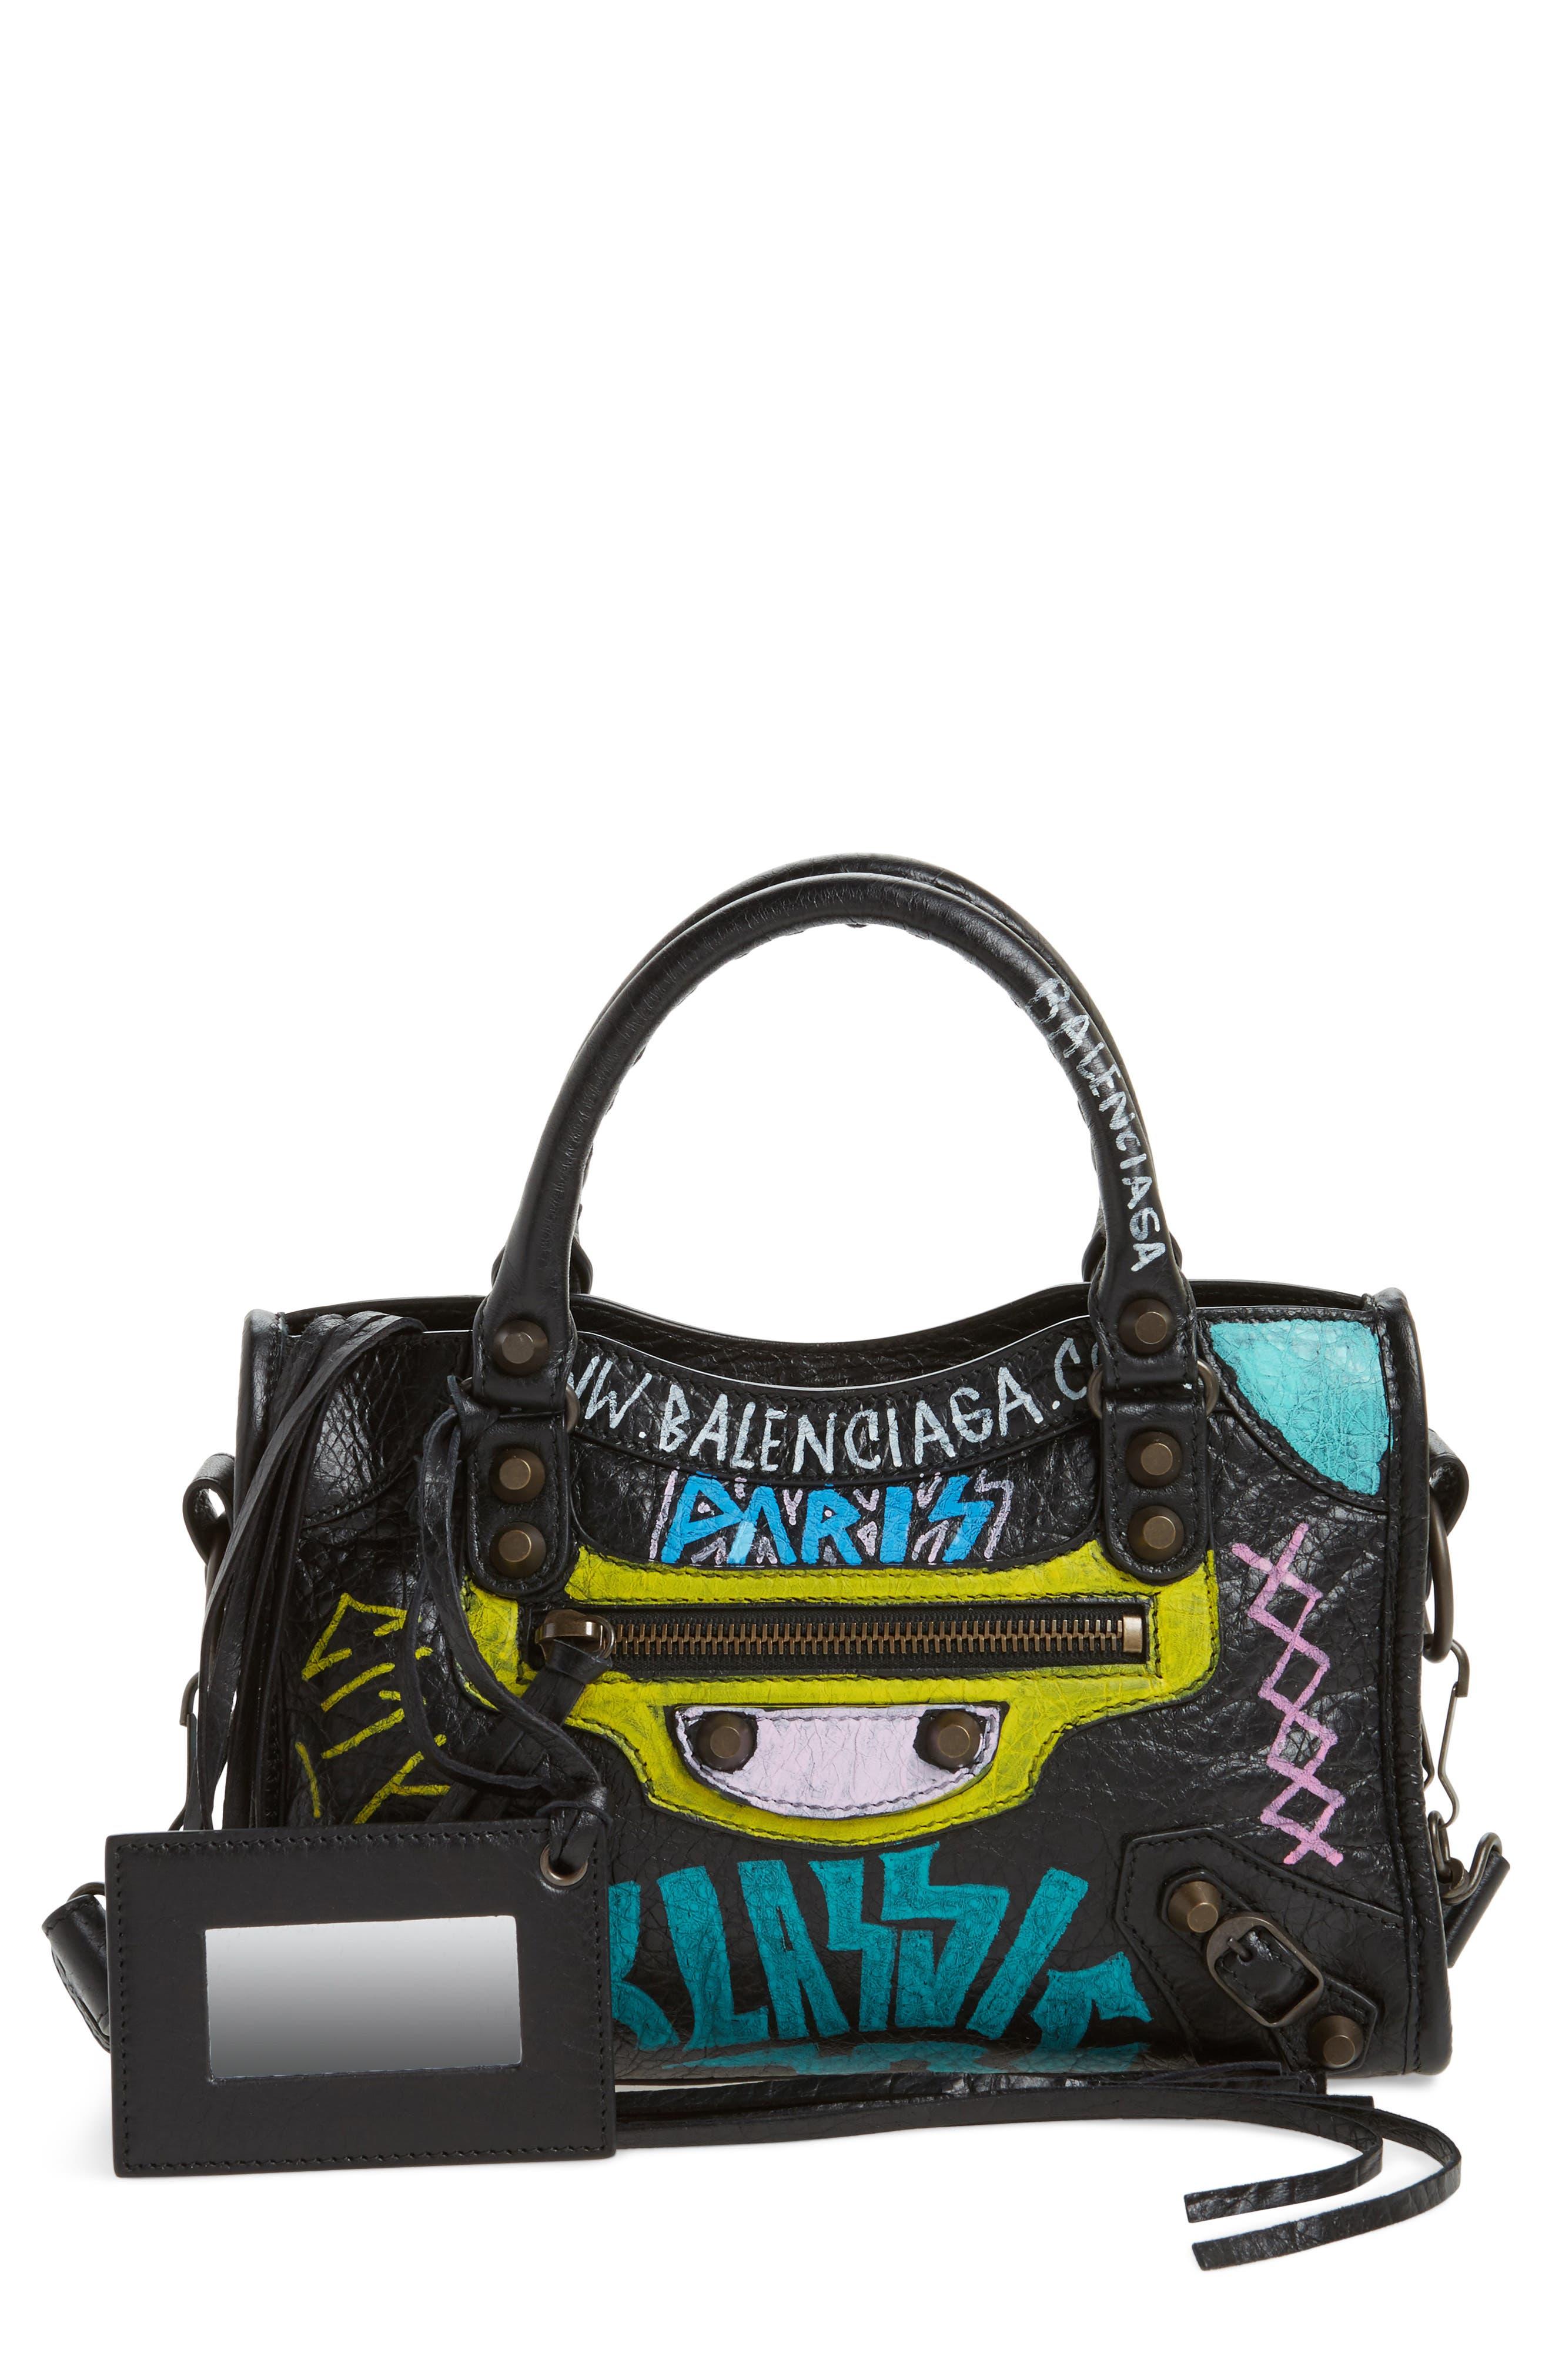 Mini City Graffiti Leather Tote,                         Main,                         color, Noir/ Multi Color